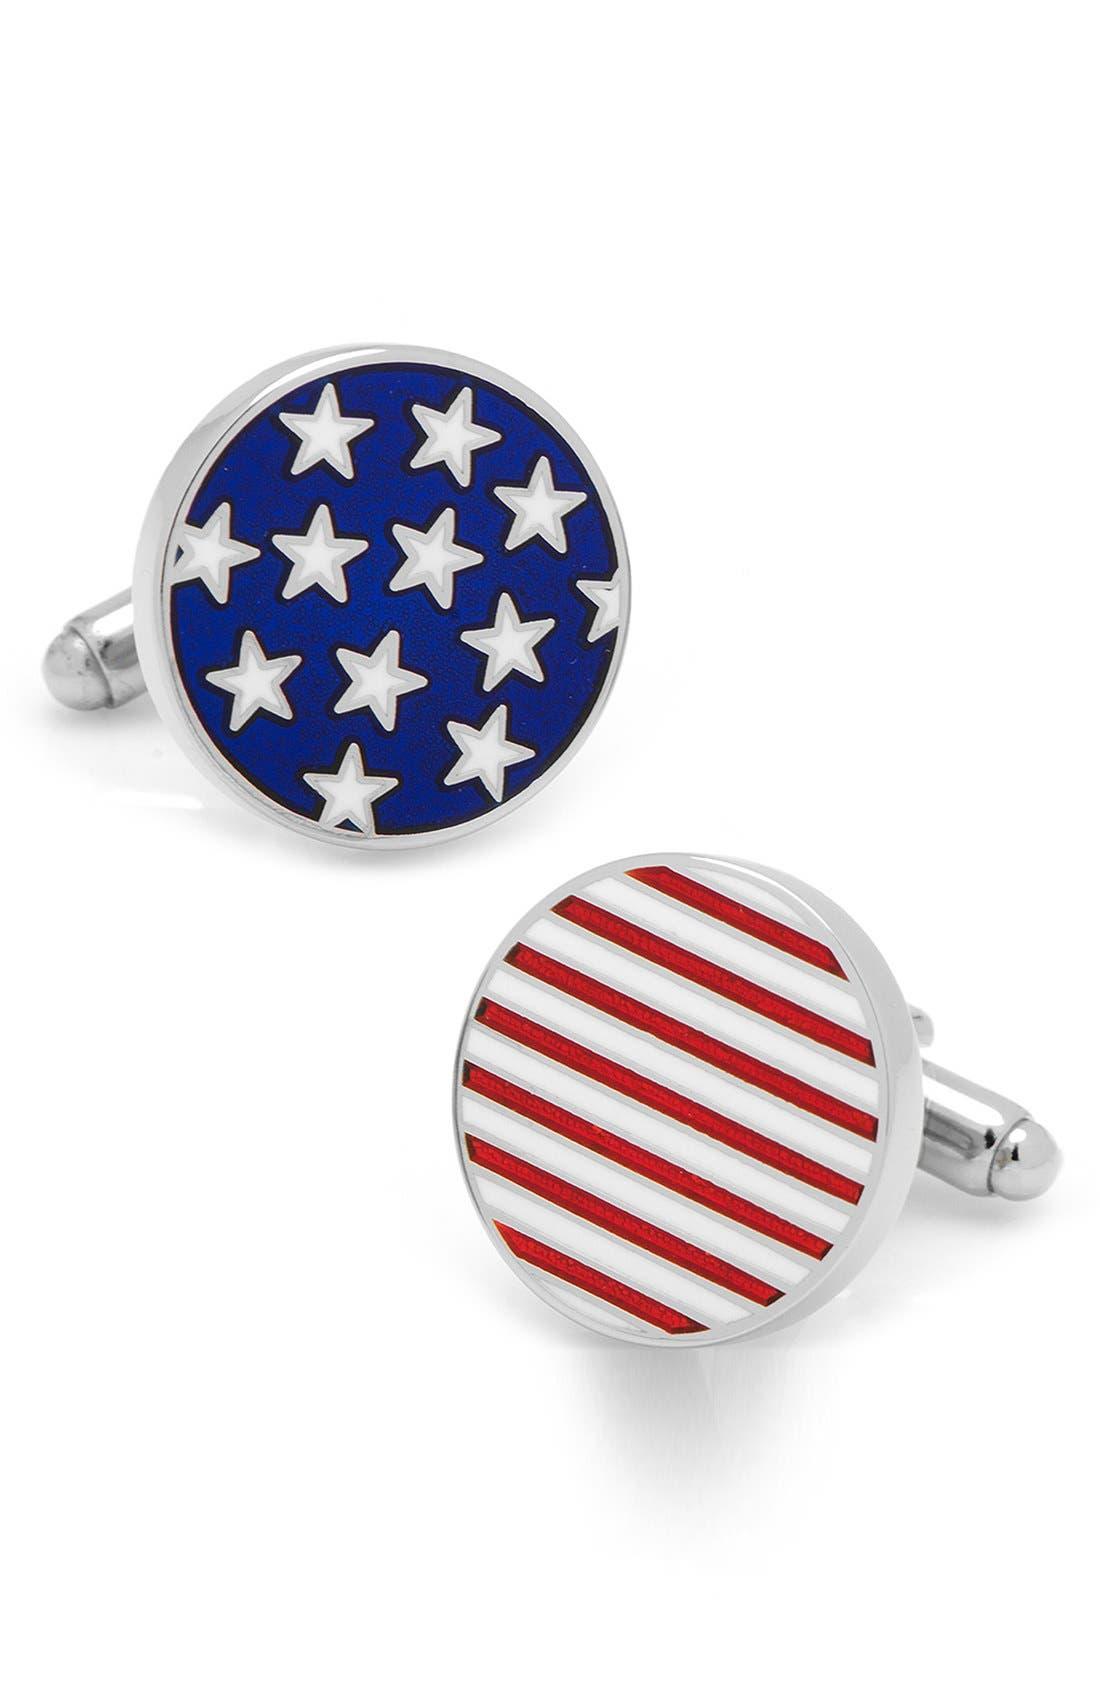 Cufflinks, Inc. 'Stars & Stripes' Cuff Links